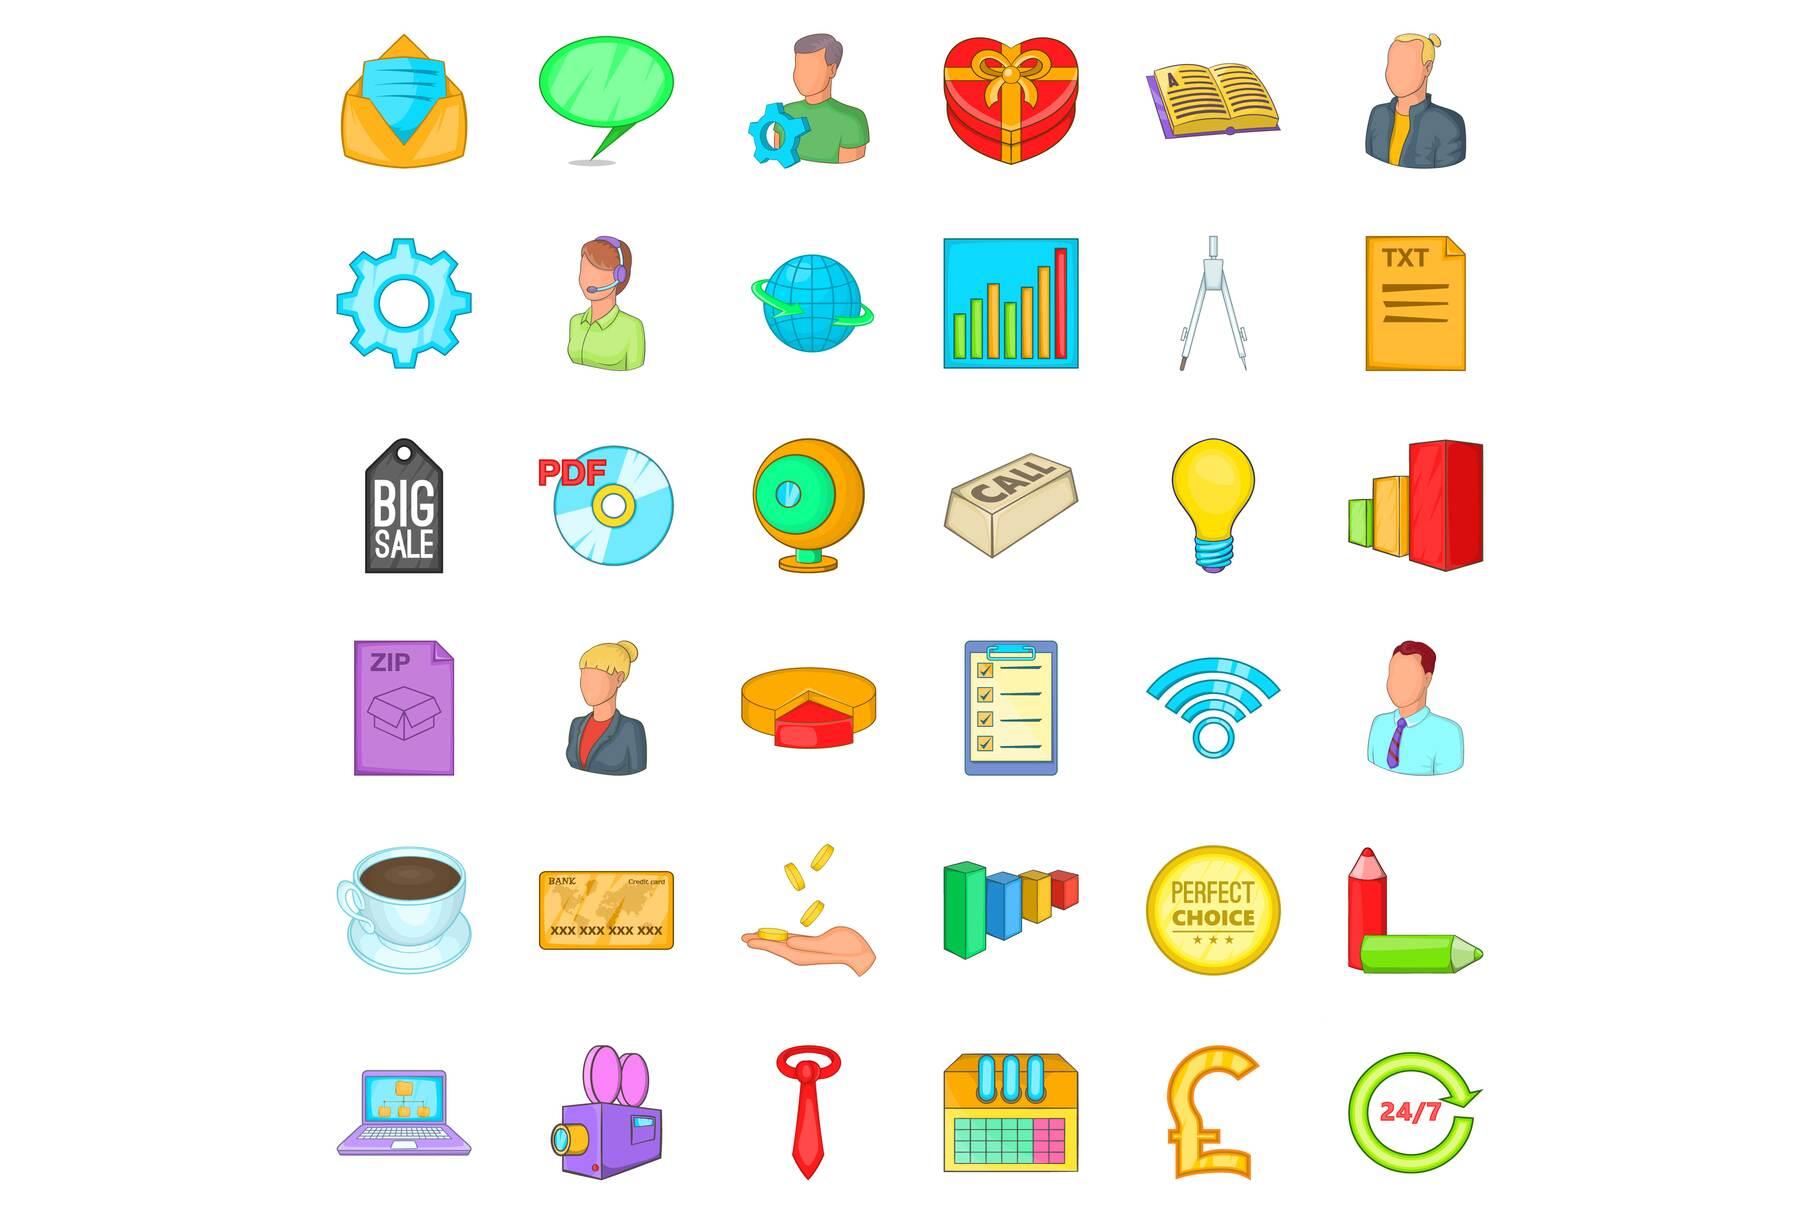 Internet marketing icons set, cartoon style example image 1